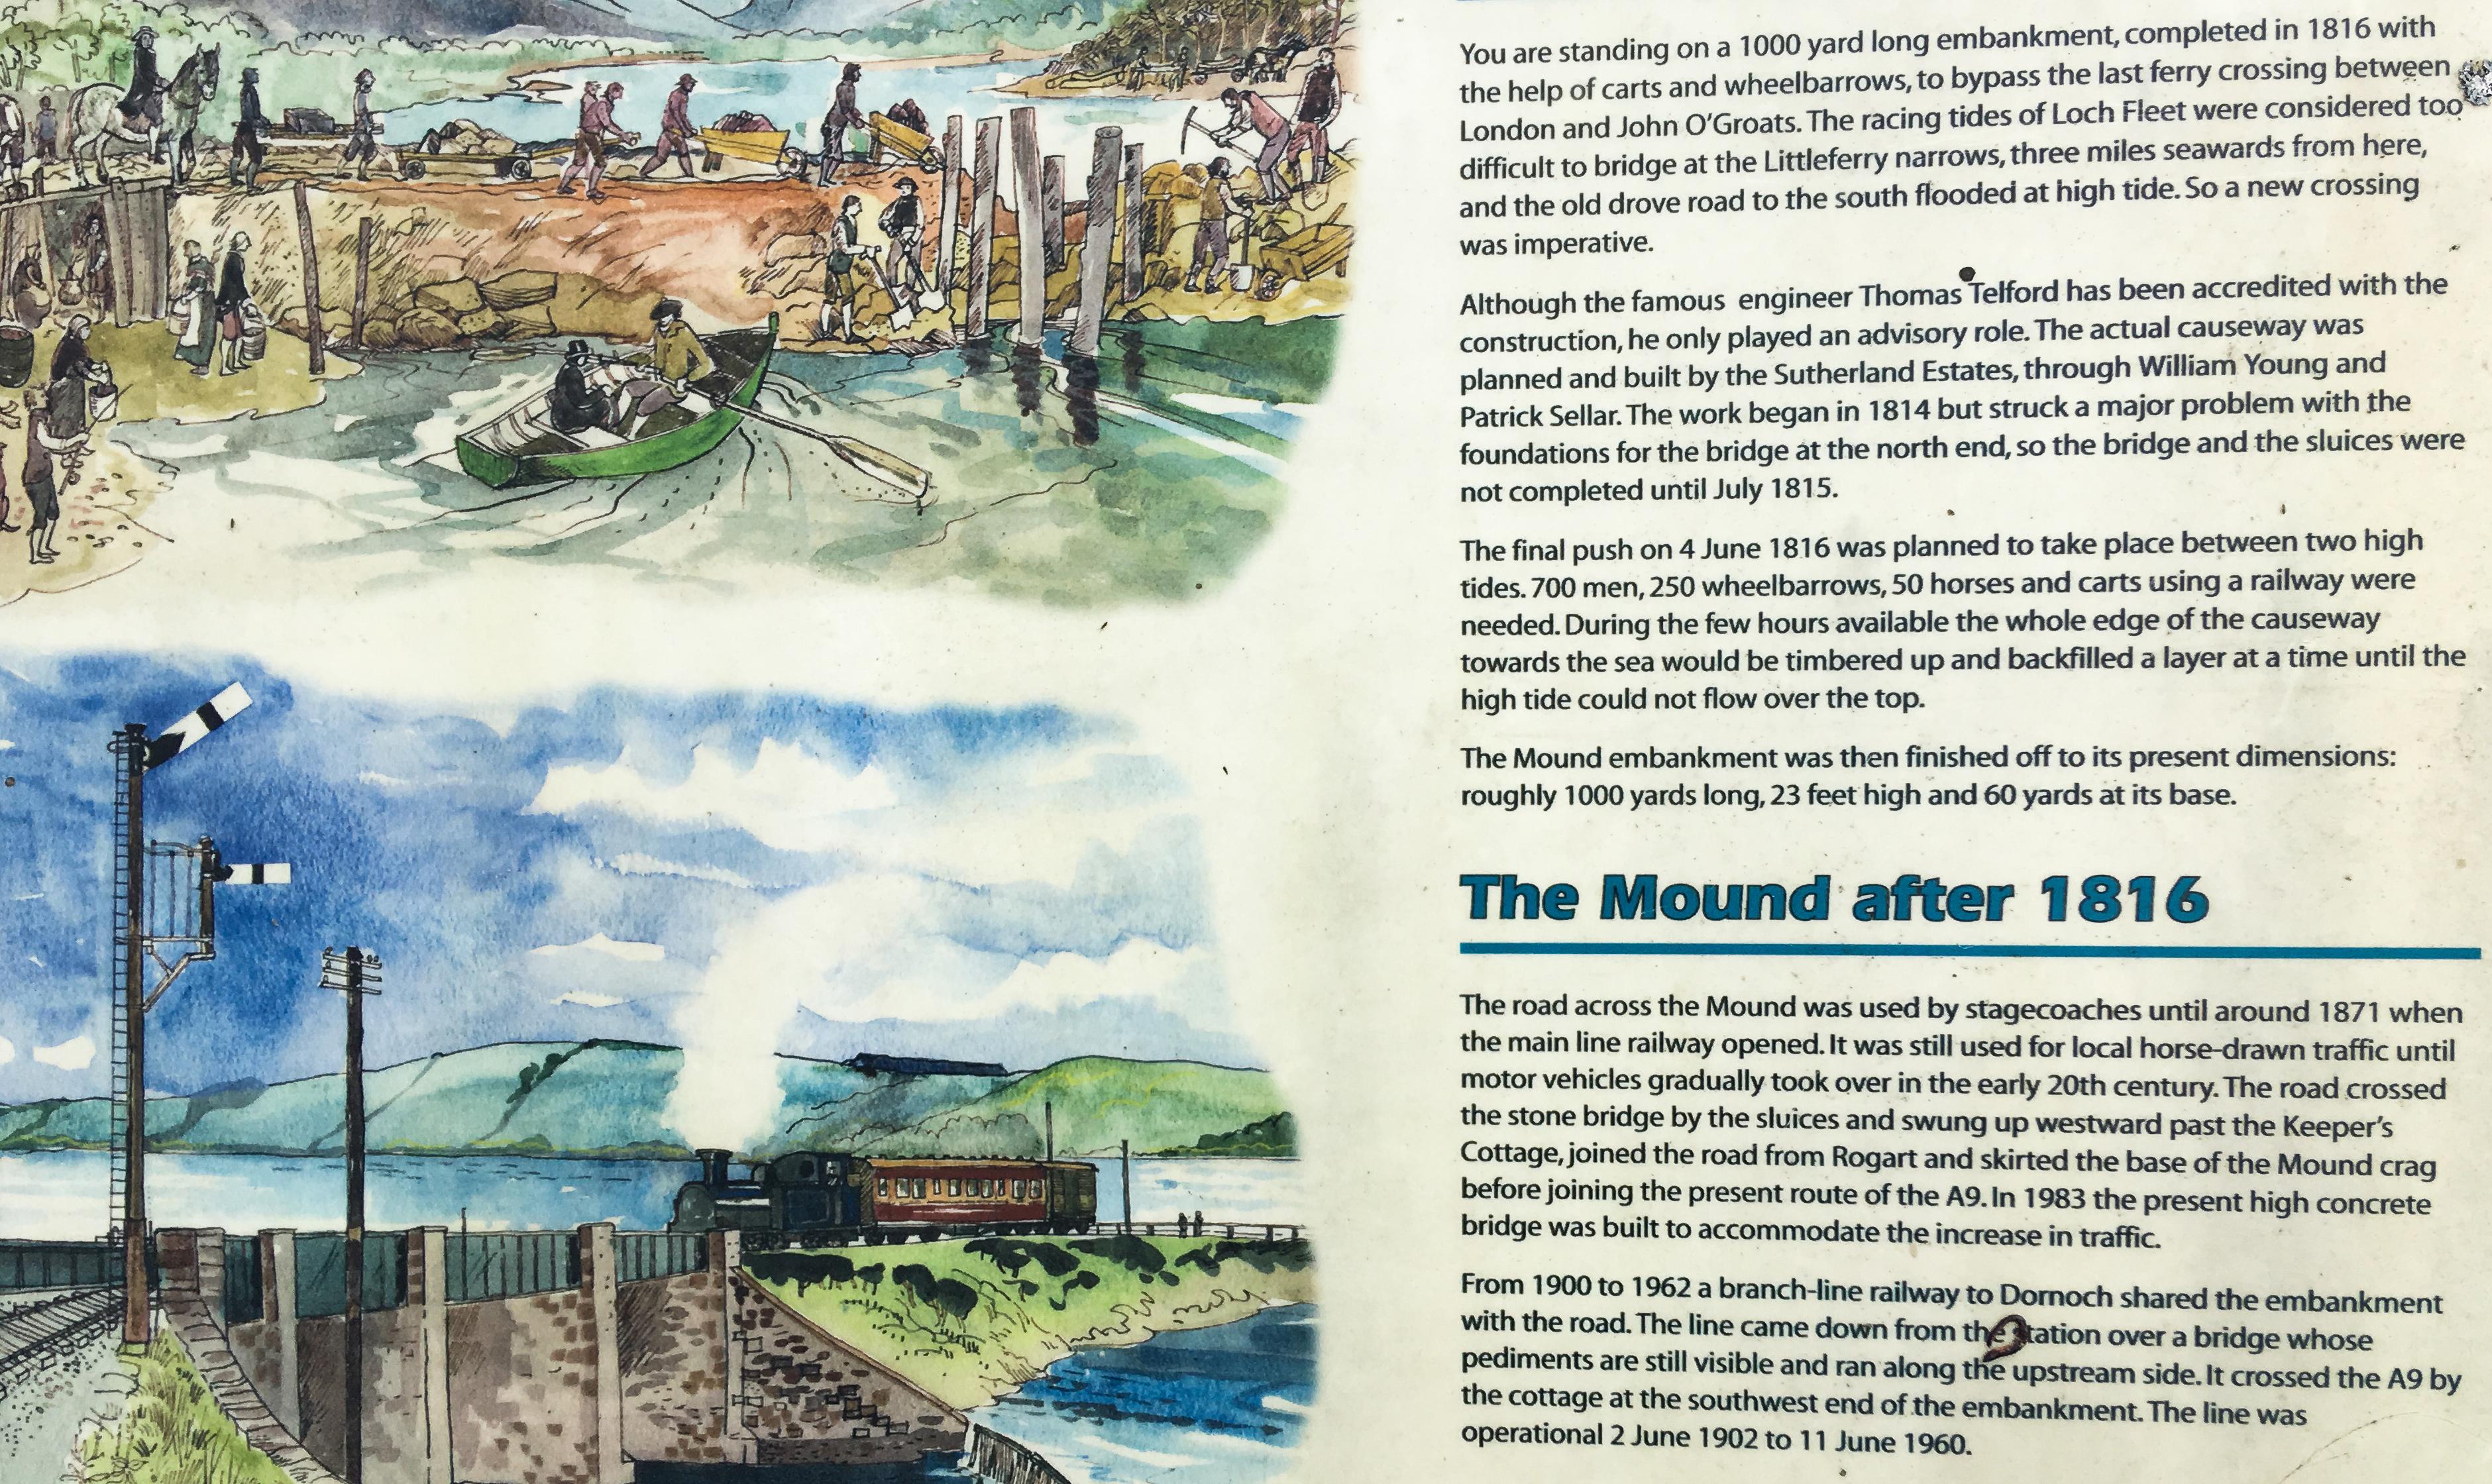 The Mount am Loch Fleet Beschreibung